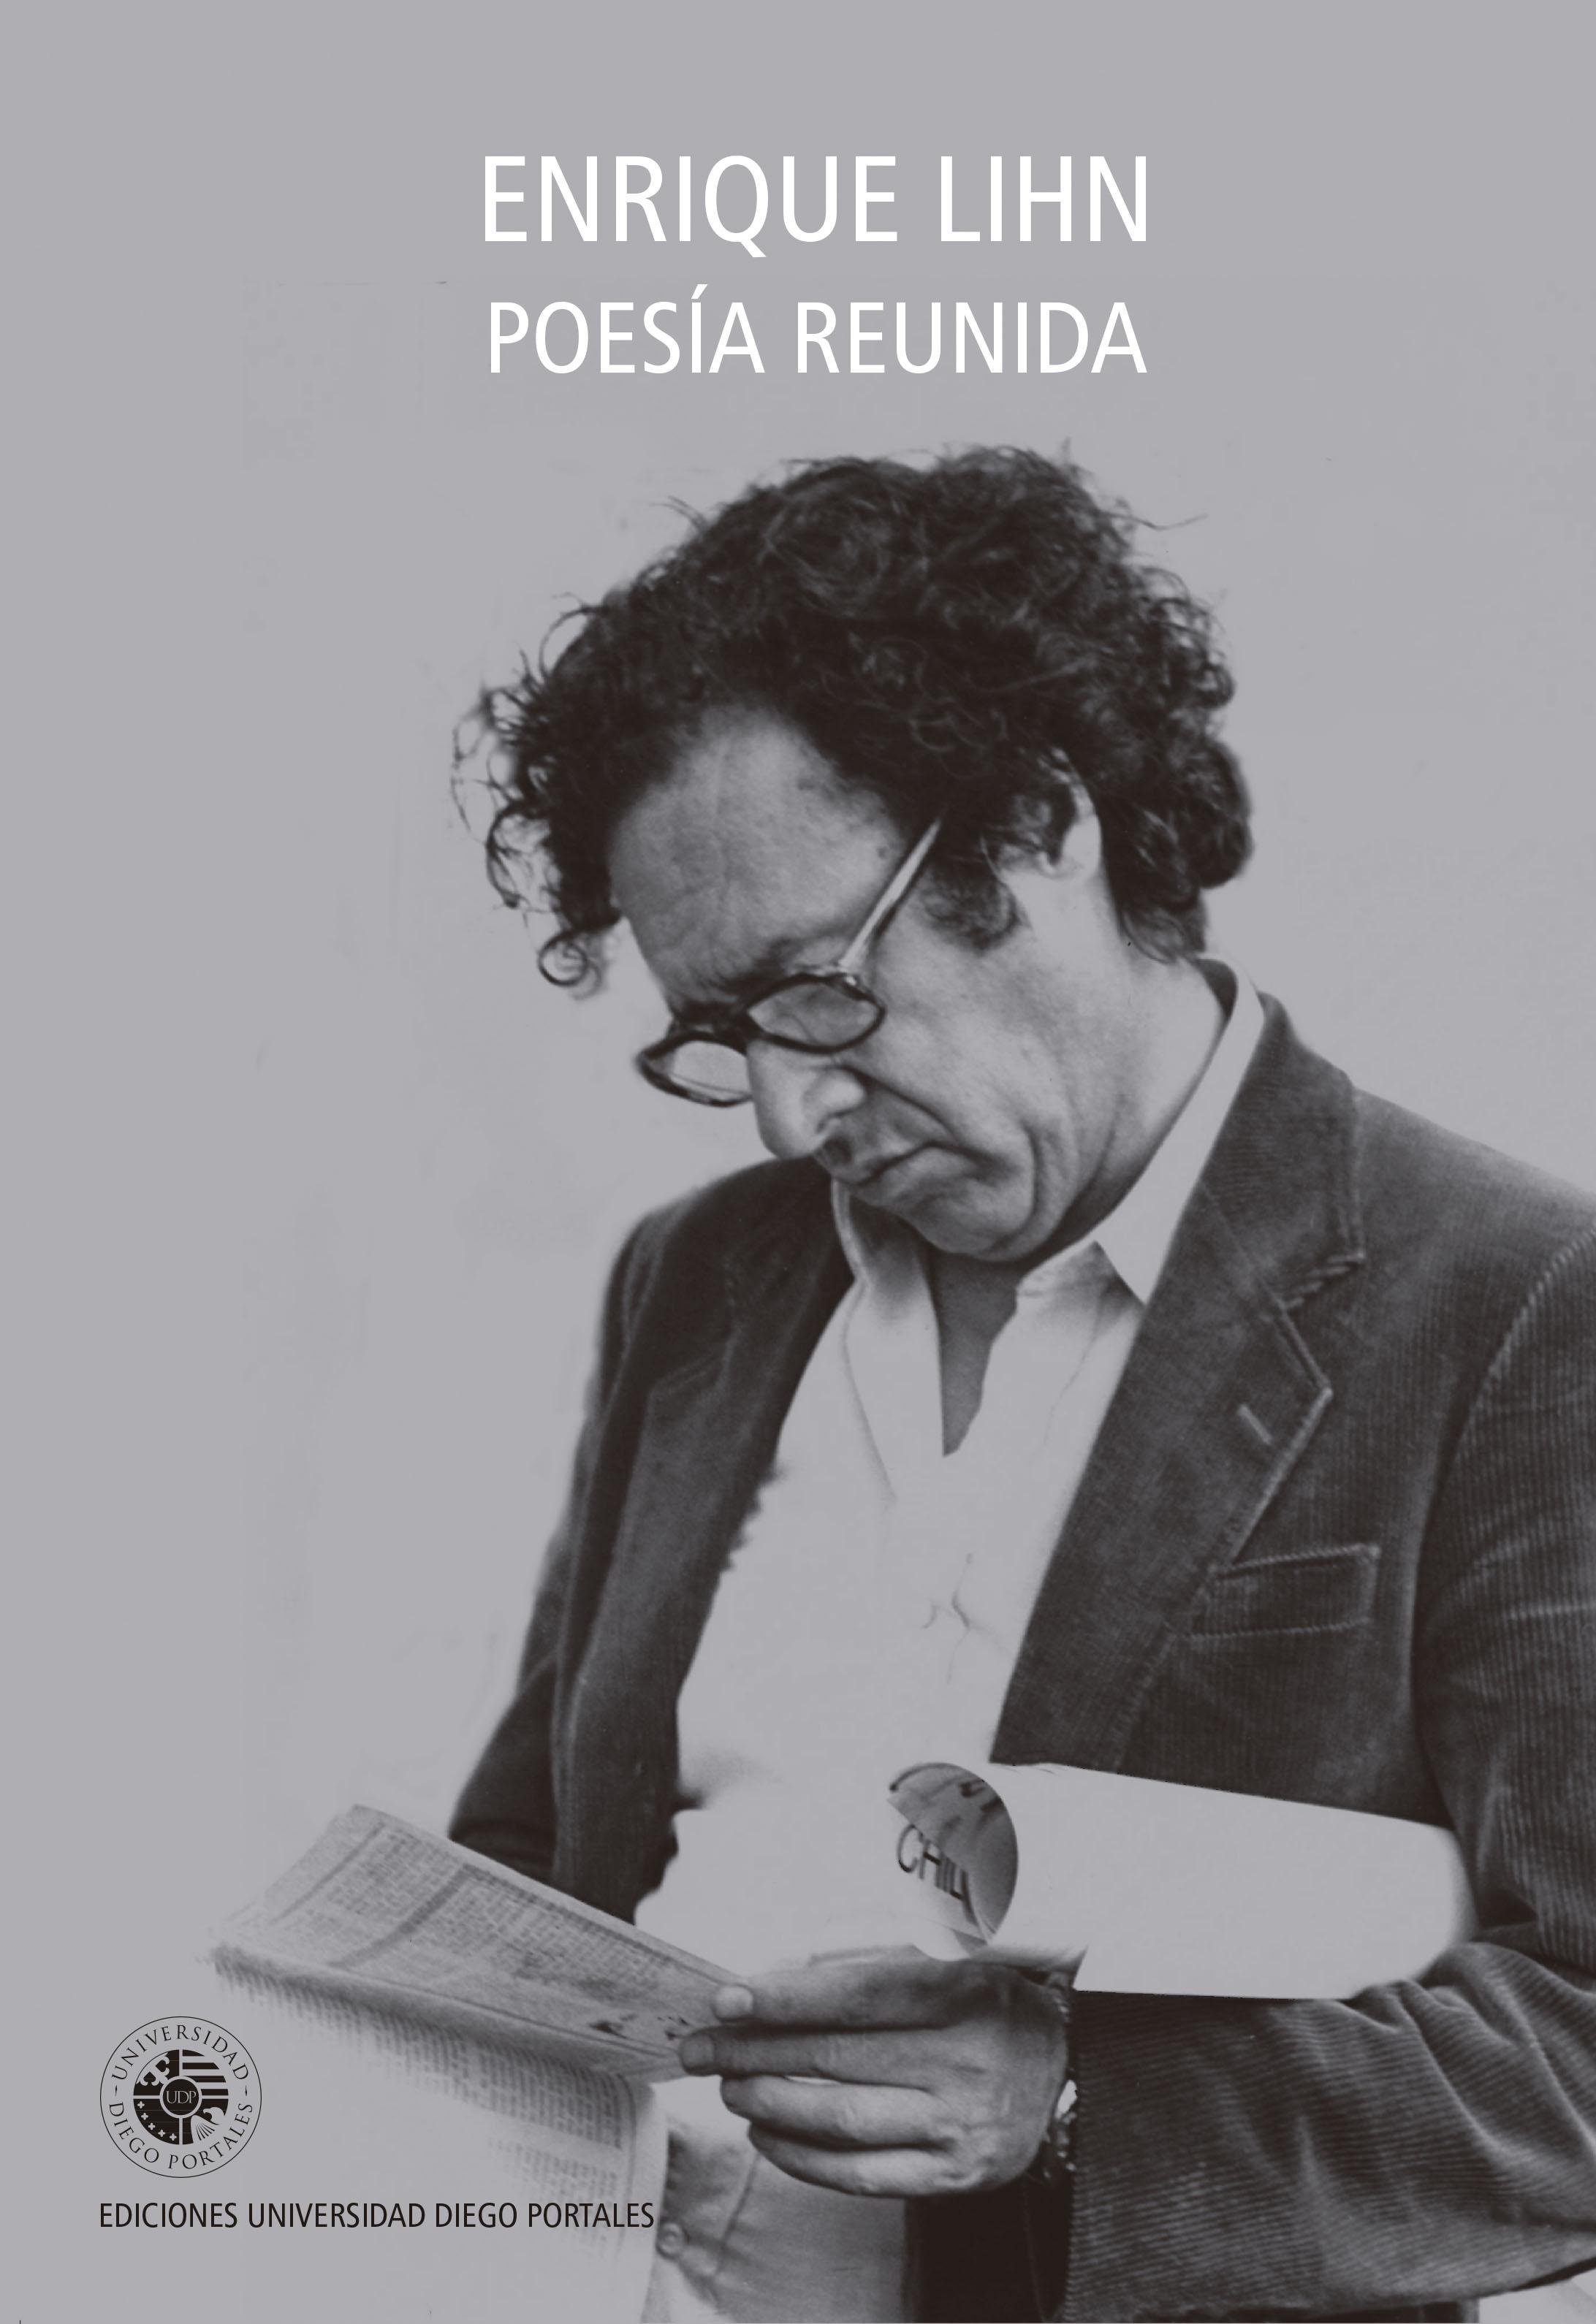 Poesía Reunida - Lihn - Enrique Lihn - Ediciones Udp